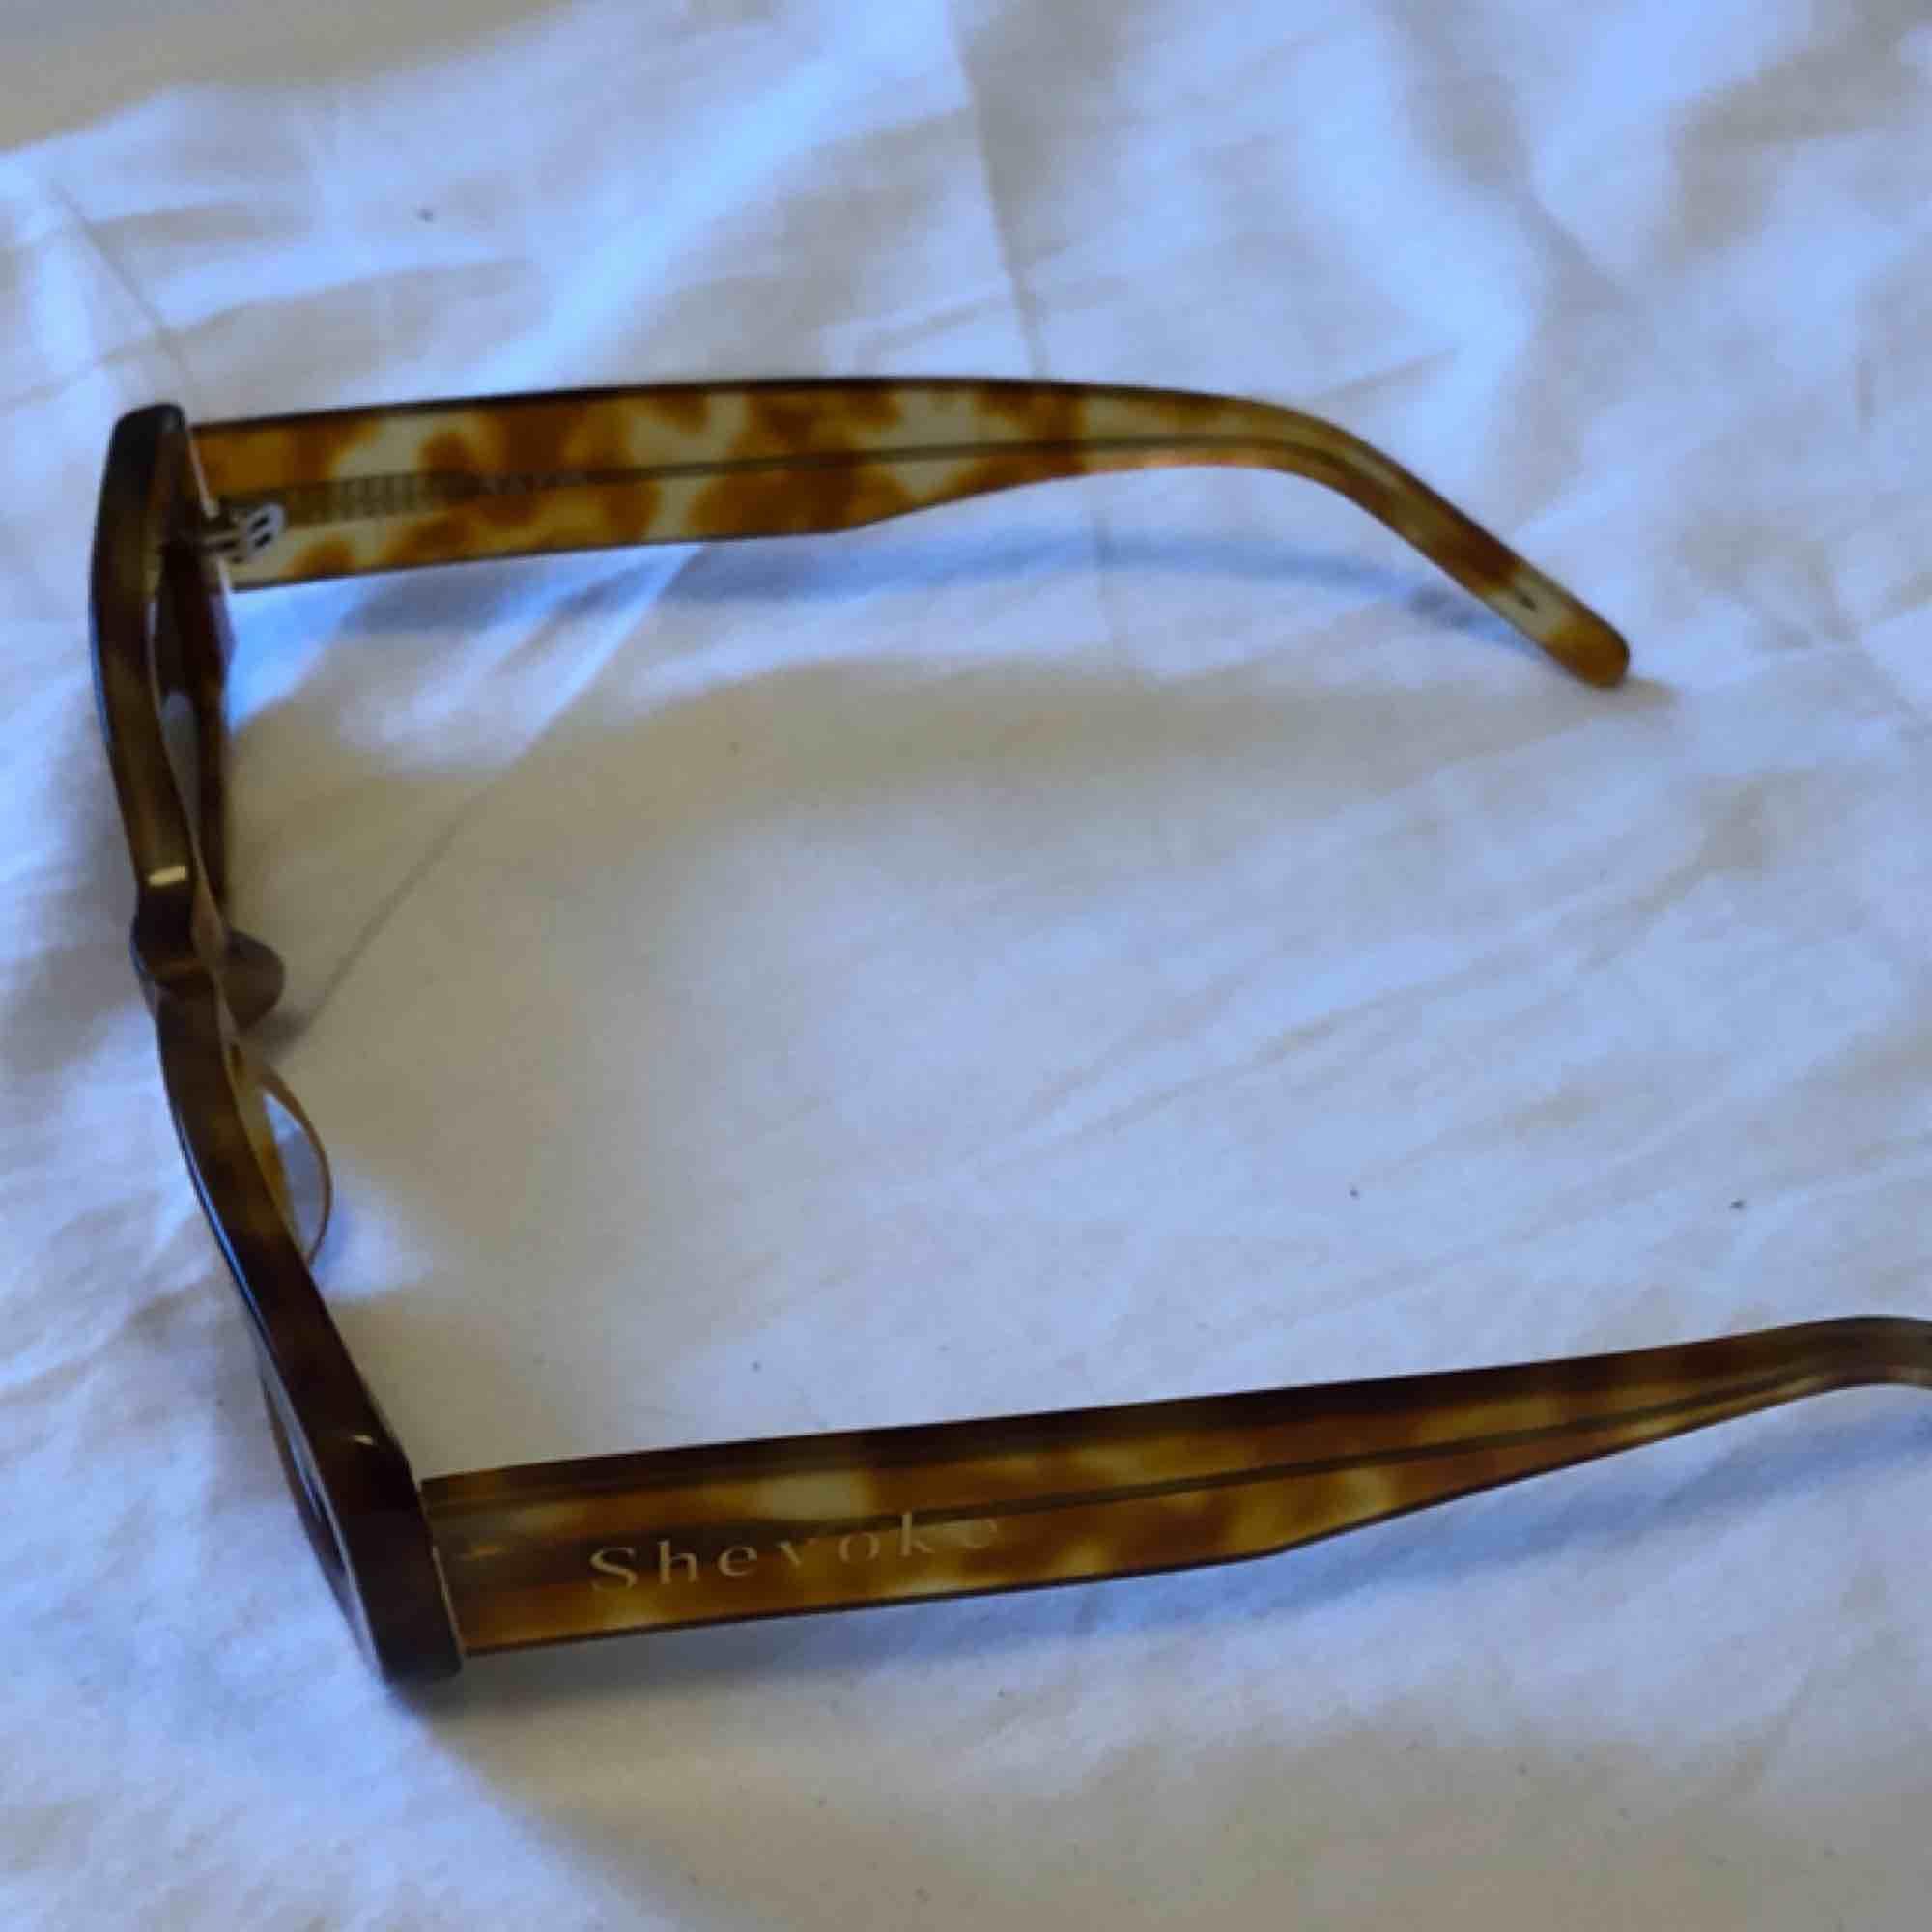 Säljer mina jätte fina shevoke solglasögon pga ingen användning, köpta för 1290kr. Övrigt.